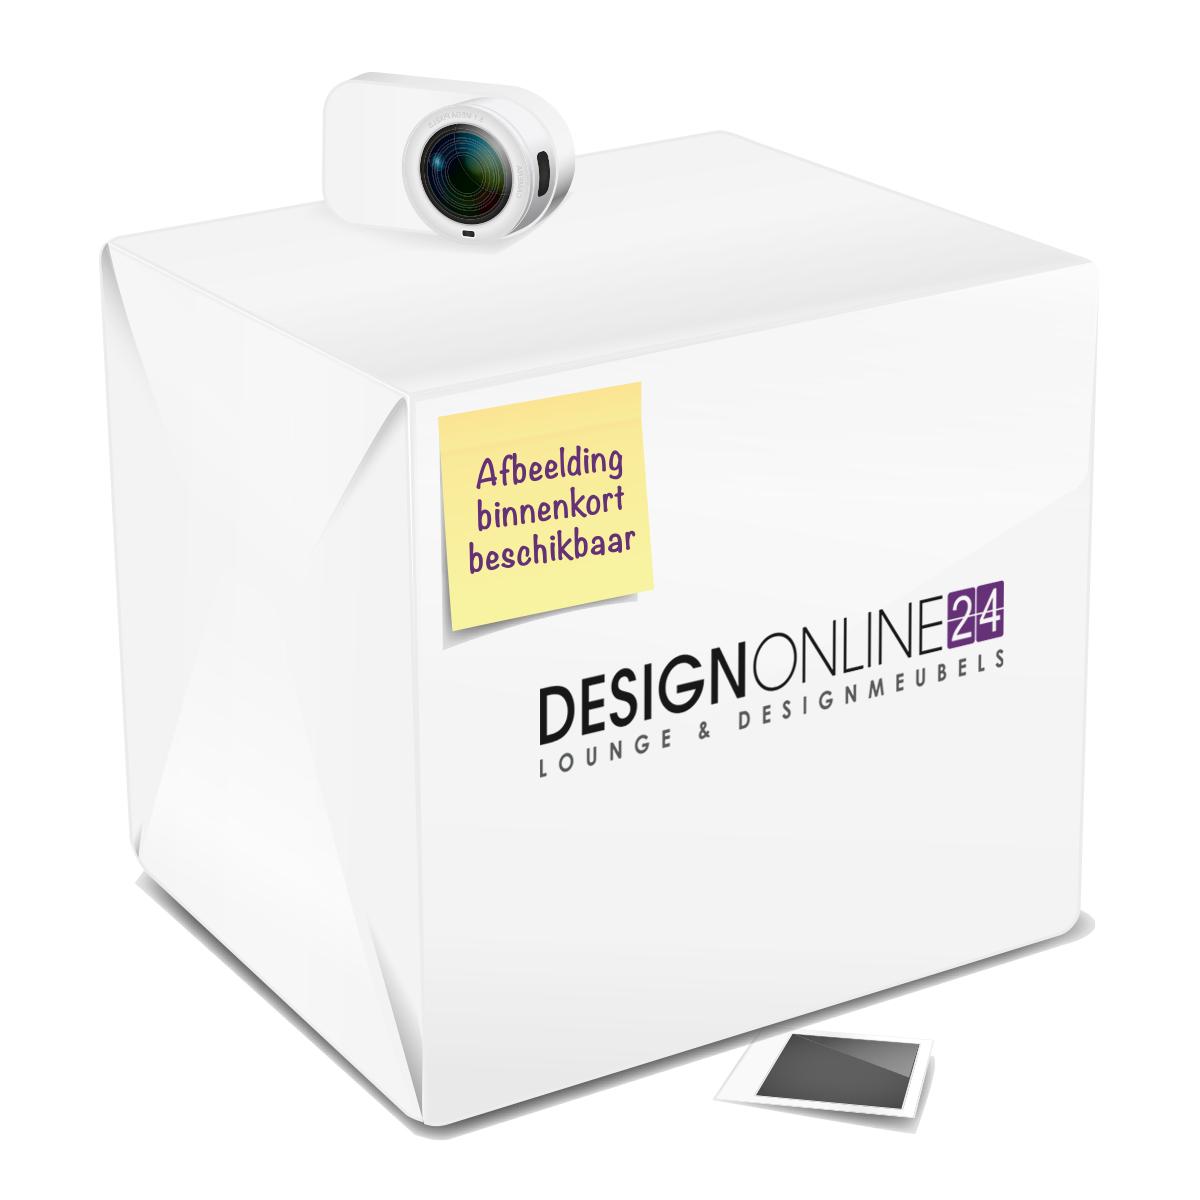 24Designs 24Designs Barkruk Frederique - Zithoogte 77 cm - Chromen onderstel - Stoffen zitting - Donkergrijs